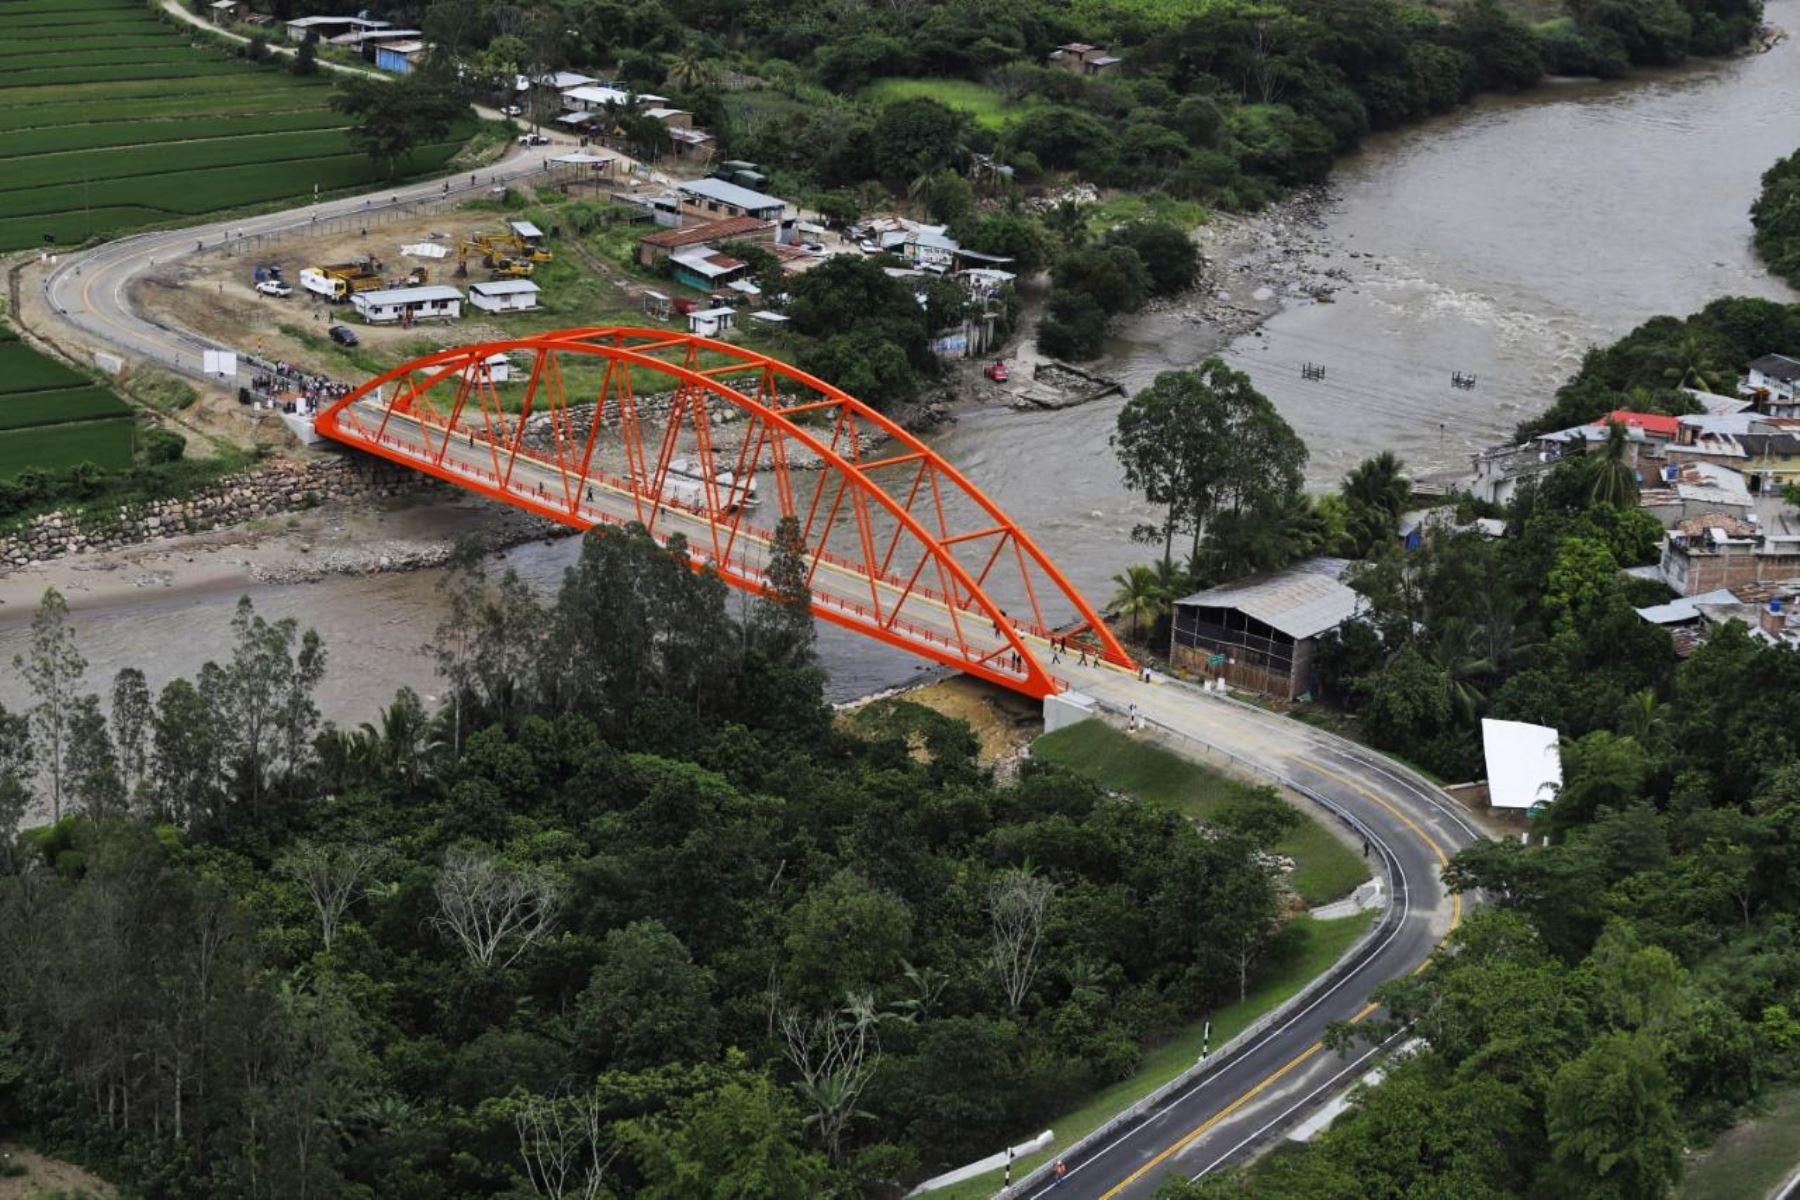 El puente Chinchipe beneficiará a más de 18 mil habitantes del distrito de San José de Lourdes, quienes se dedican a la agricultura y ganadería, le permitirá que los ciudadanos ahorren tiempo y dinero, se trasladen en condiciones seguras, y se impulse la competitividad de los negocios locales. Foto: ANDINA/ Prensa Presidencia